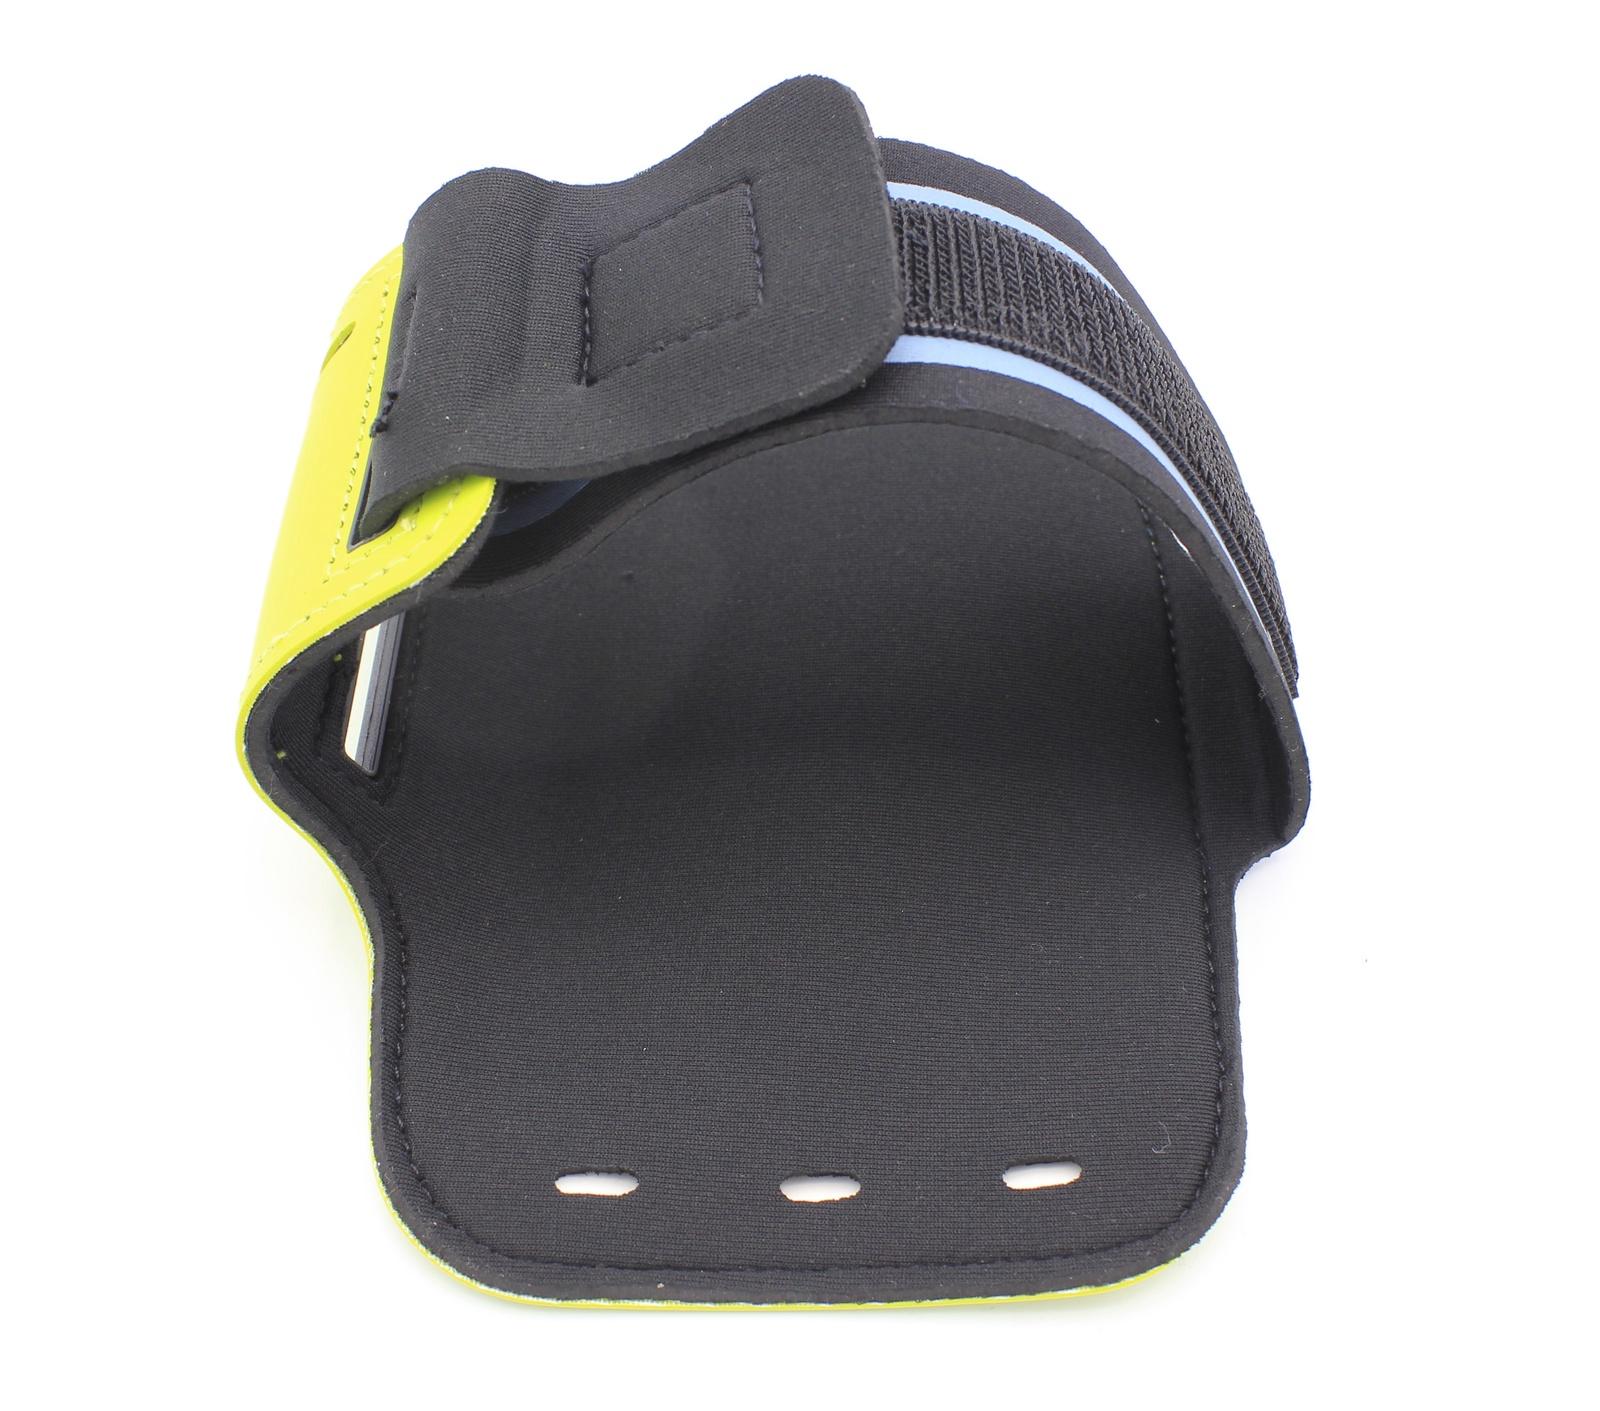 Чехол для Смартфона крепление на руку липучка, желтый водонепроницаемый чехол для смартфона на велосипеде